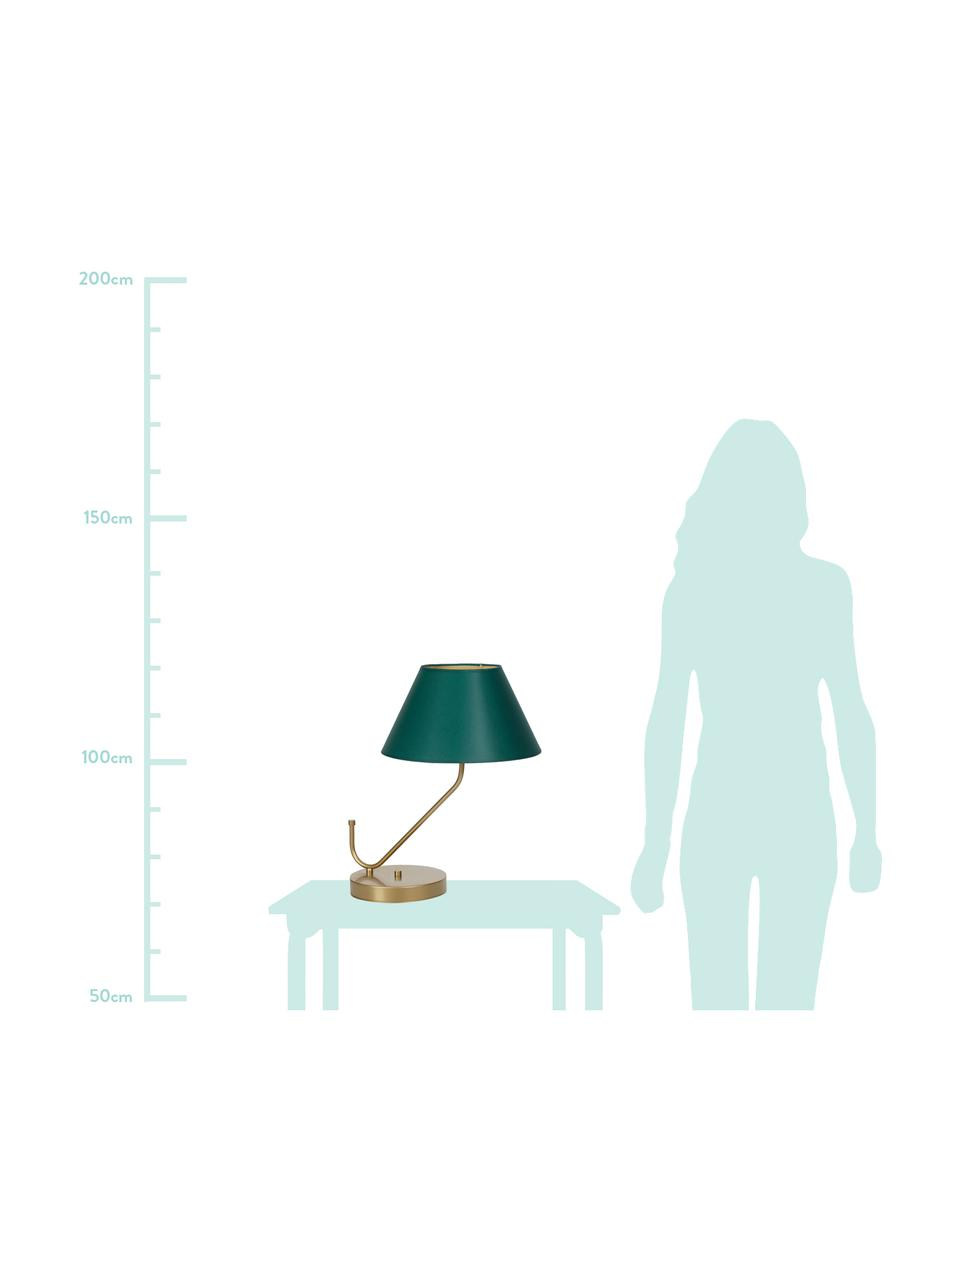 Design Nachttischlampe Victoria, Lampenschirm: Baumwollgemisch, Lampenfuß: Metall, beschichtet, Grün, Goldfarben, 45 x 50 cm